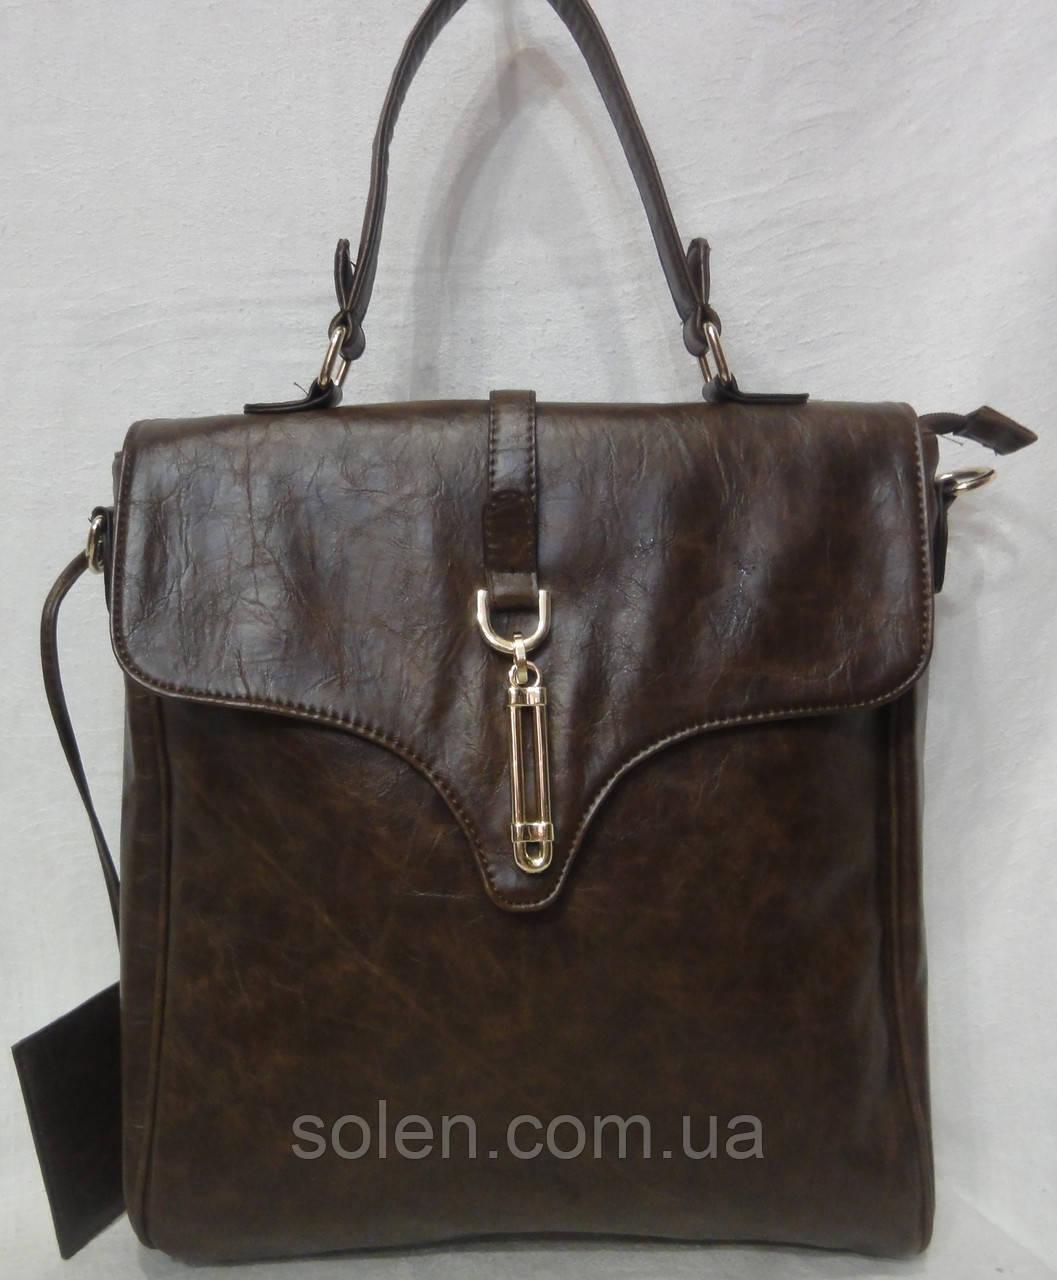 92dc334698dc Стильная женская сумка : продажа, цена в Харькове. женские сумочки и ...